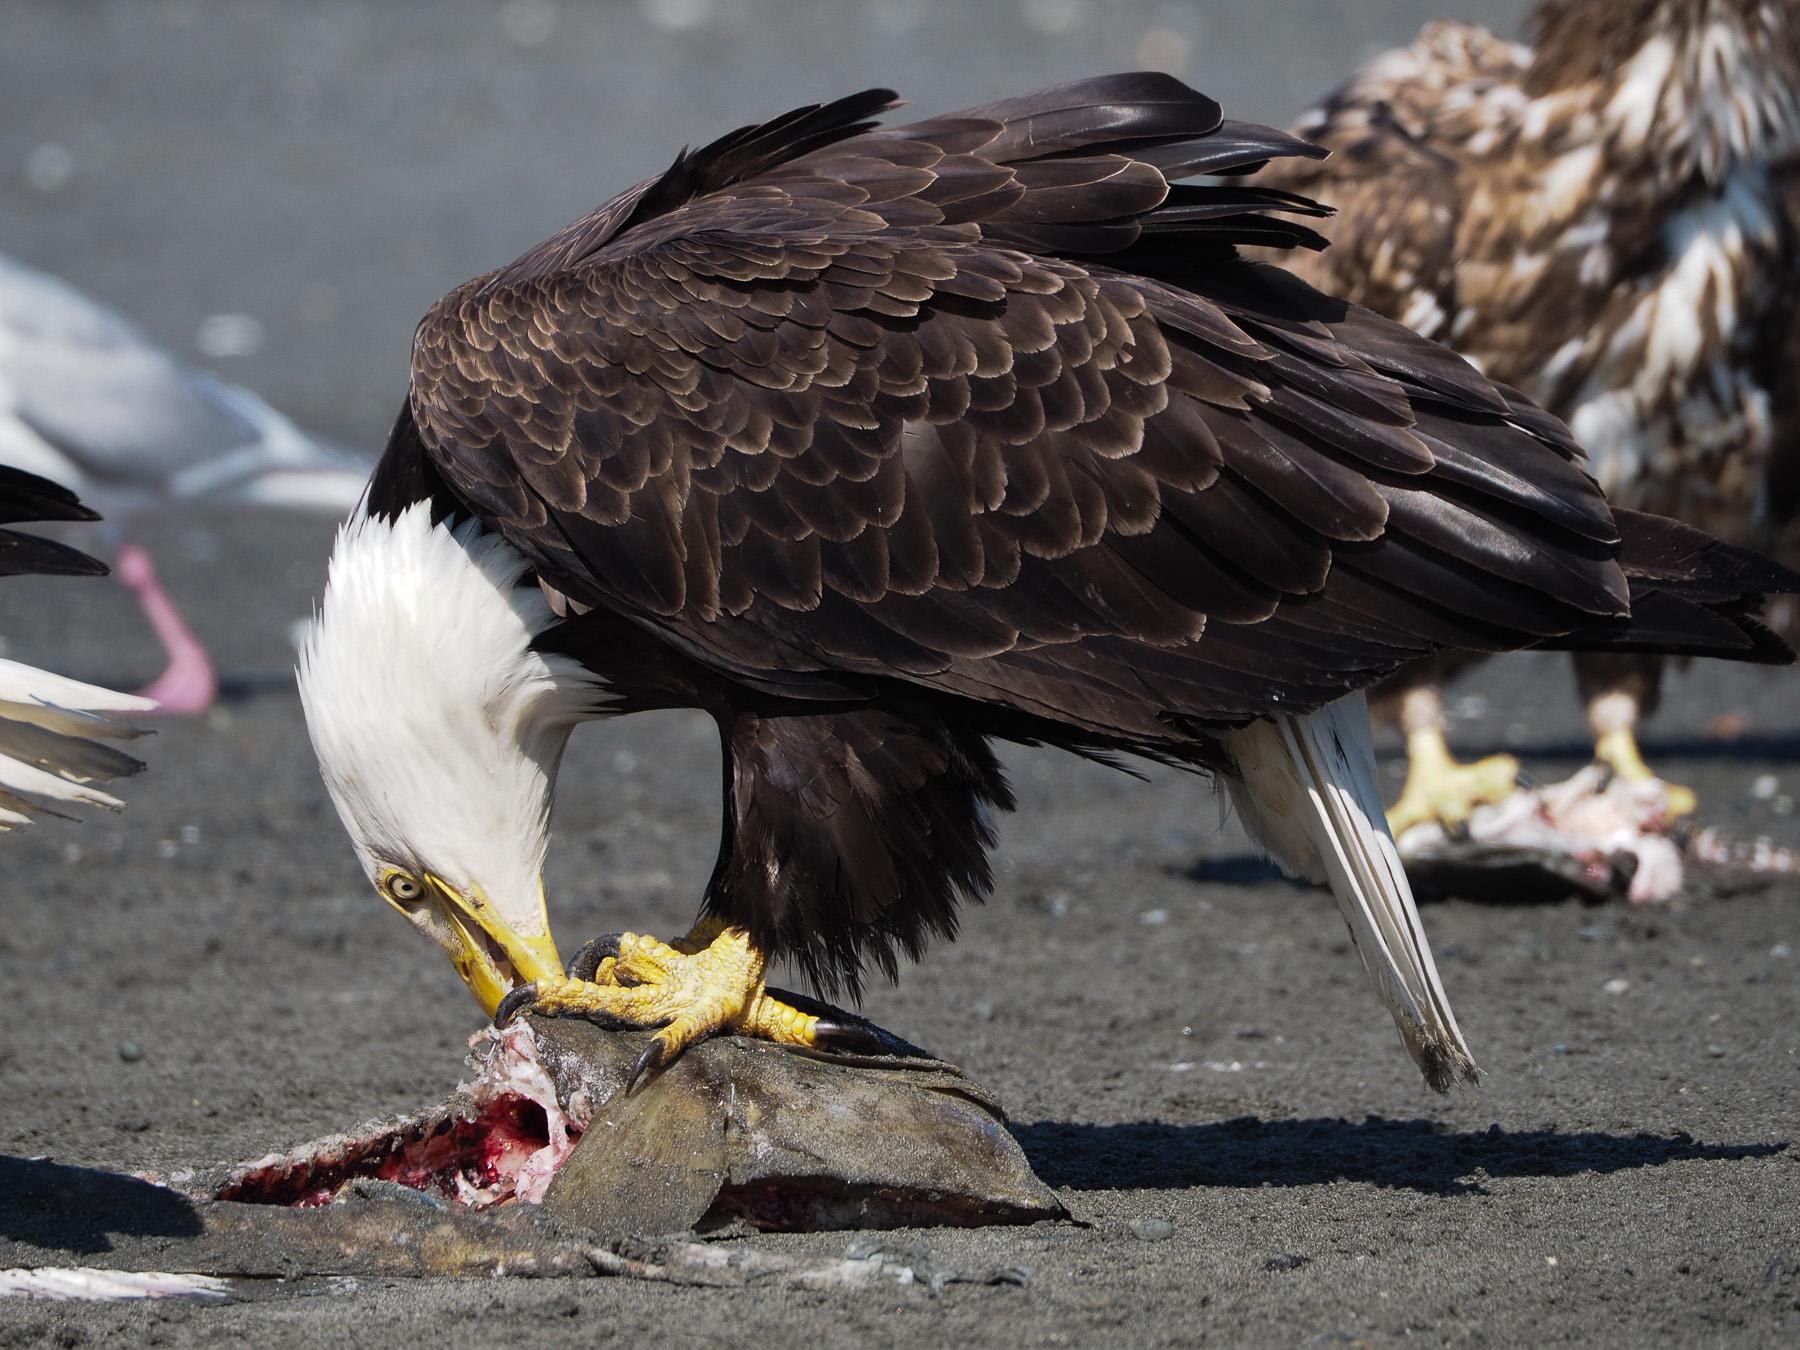 Vor den Adlern haben die Möwen und Krähen großen Respekt